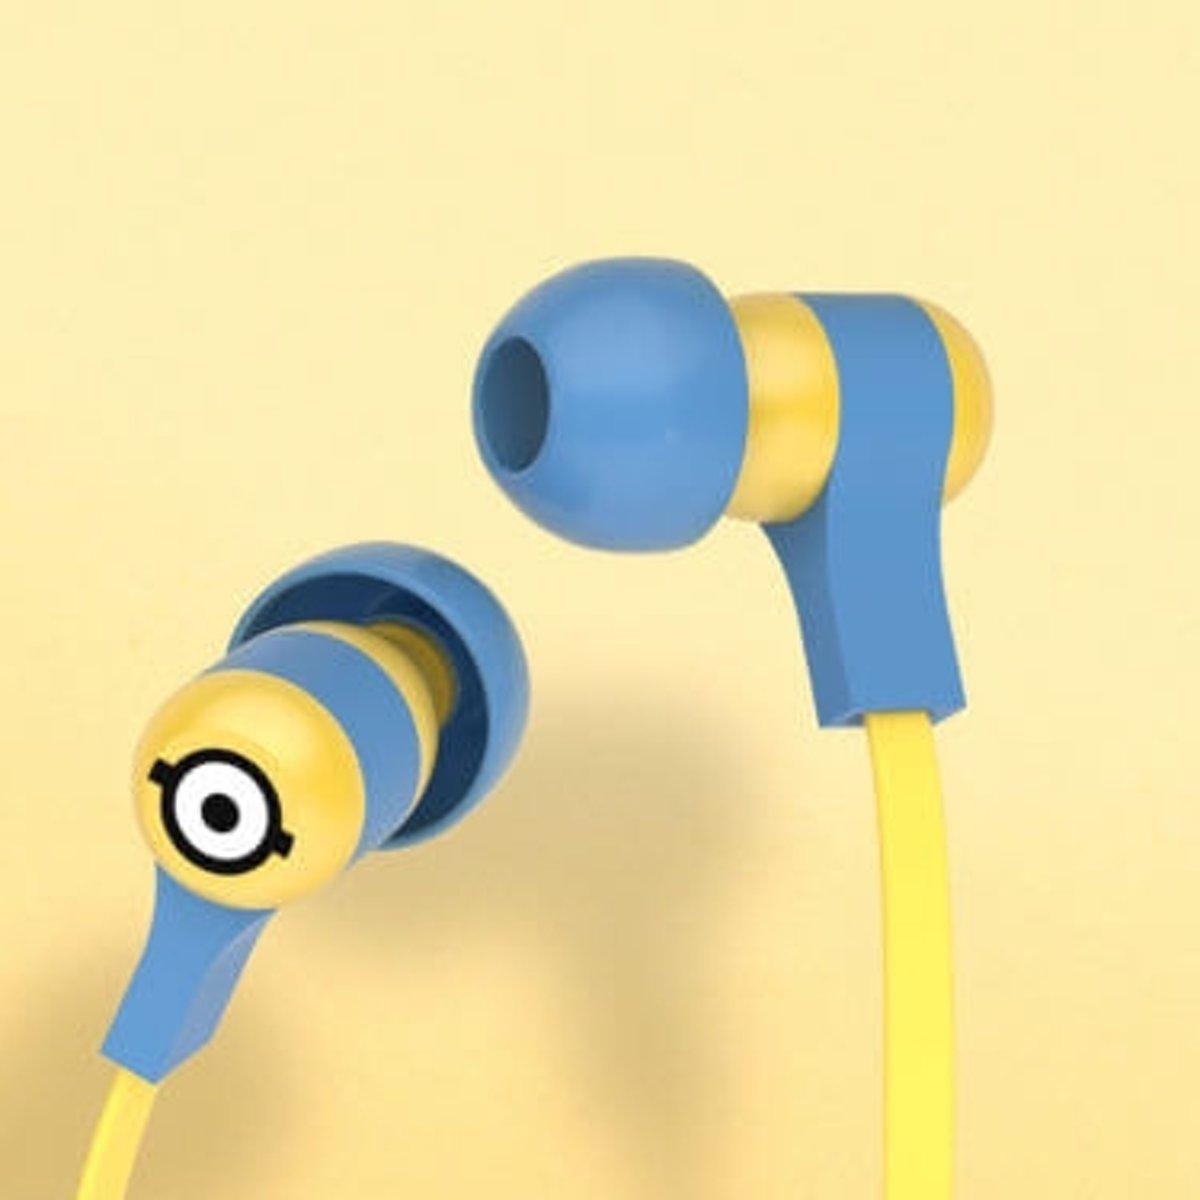 Tribe EPW12100 In-ear Stereofonisch Bedraad Blauw, Geel mobiele hoofdtelefoon kopen